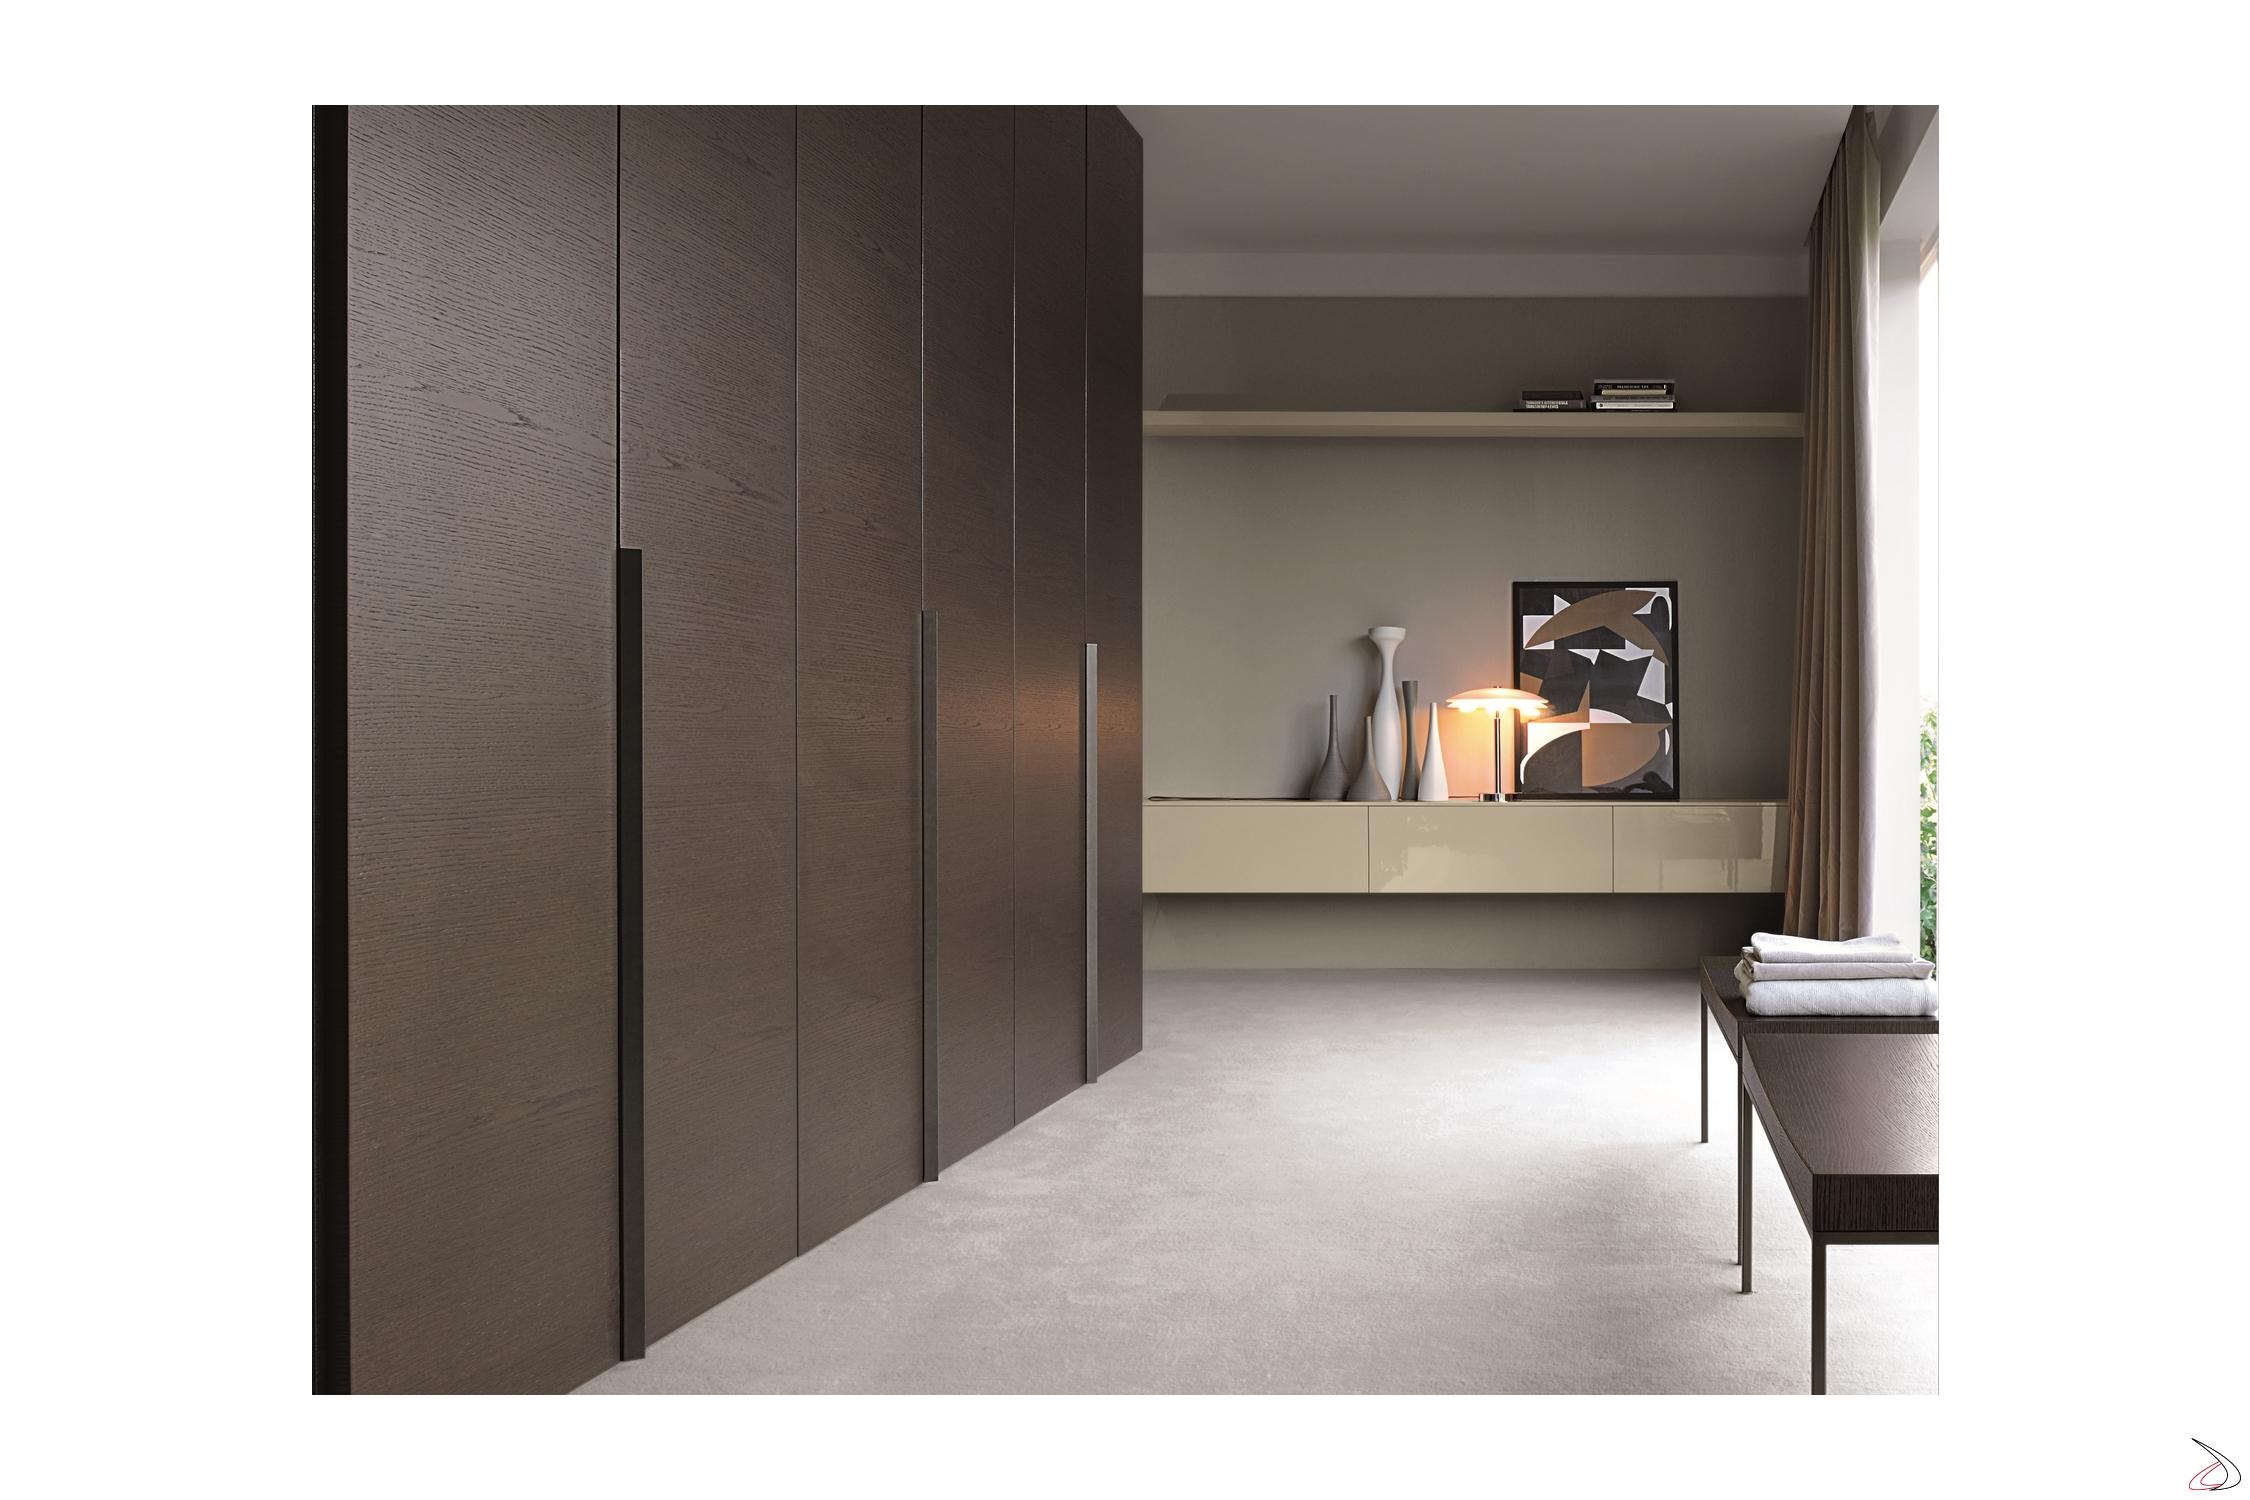 Armadio A Muro Design.Armadio Componibile A Muro Plan Toparredi Arredo Design Online